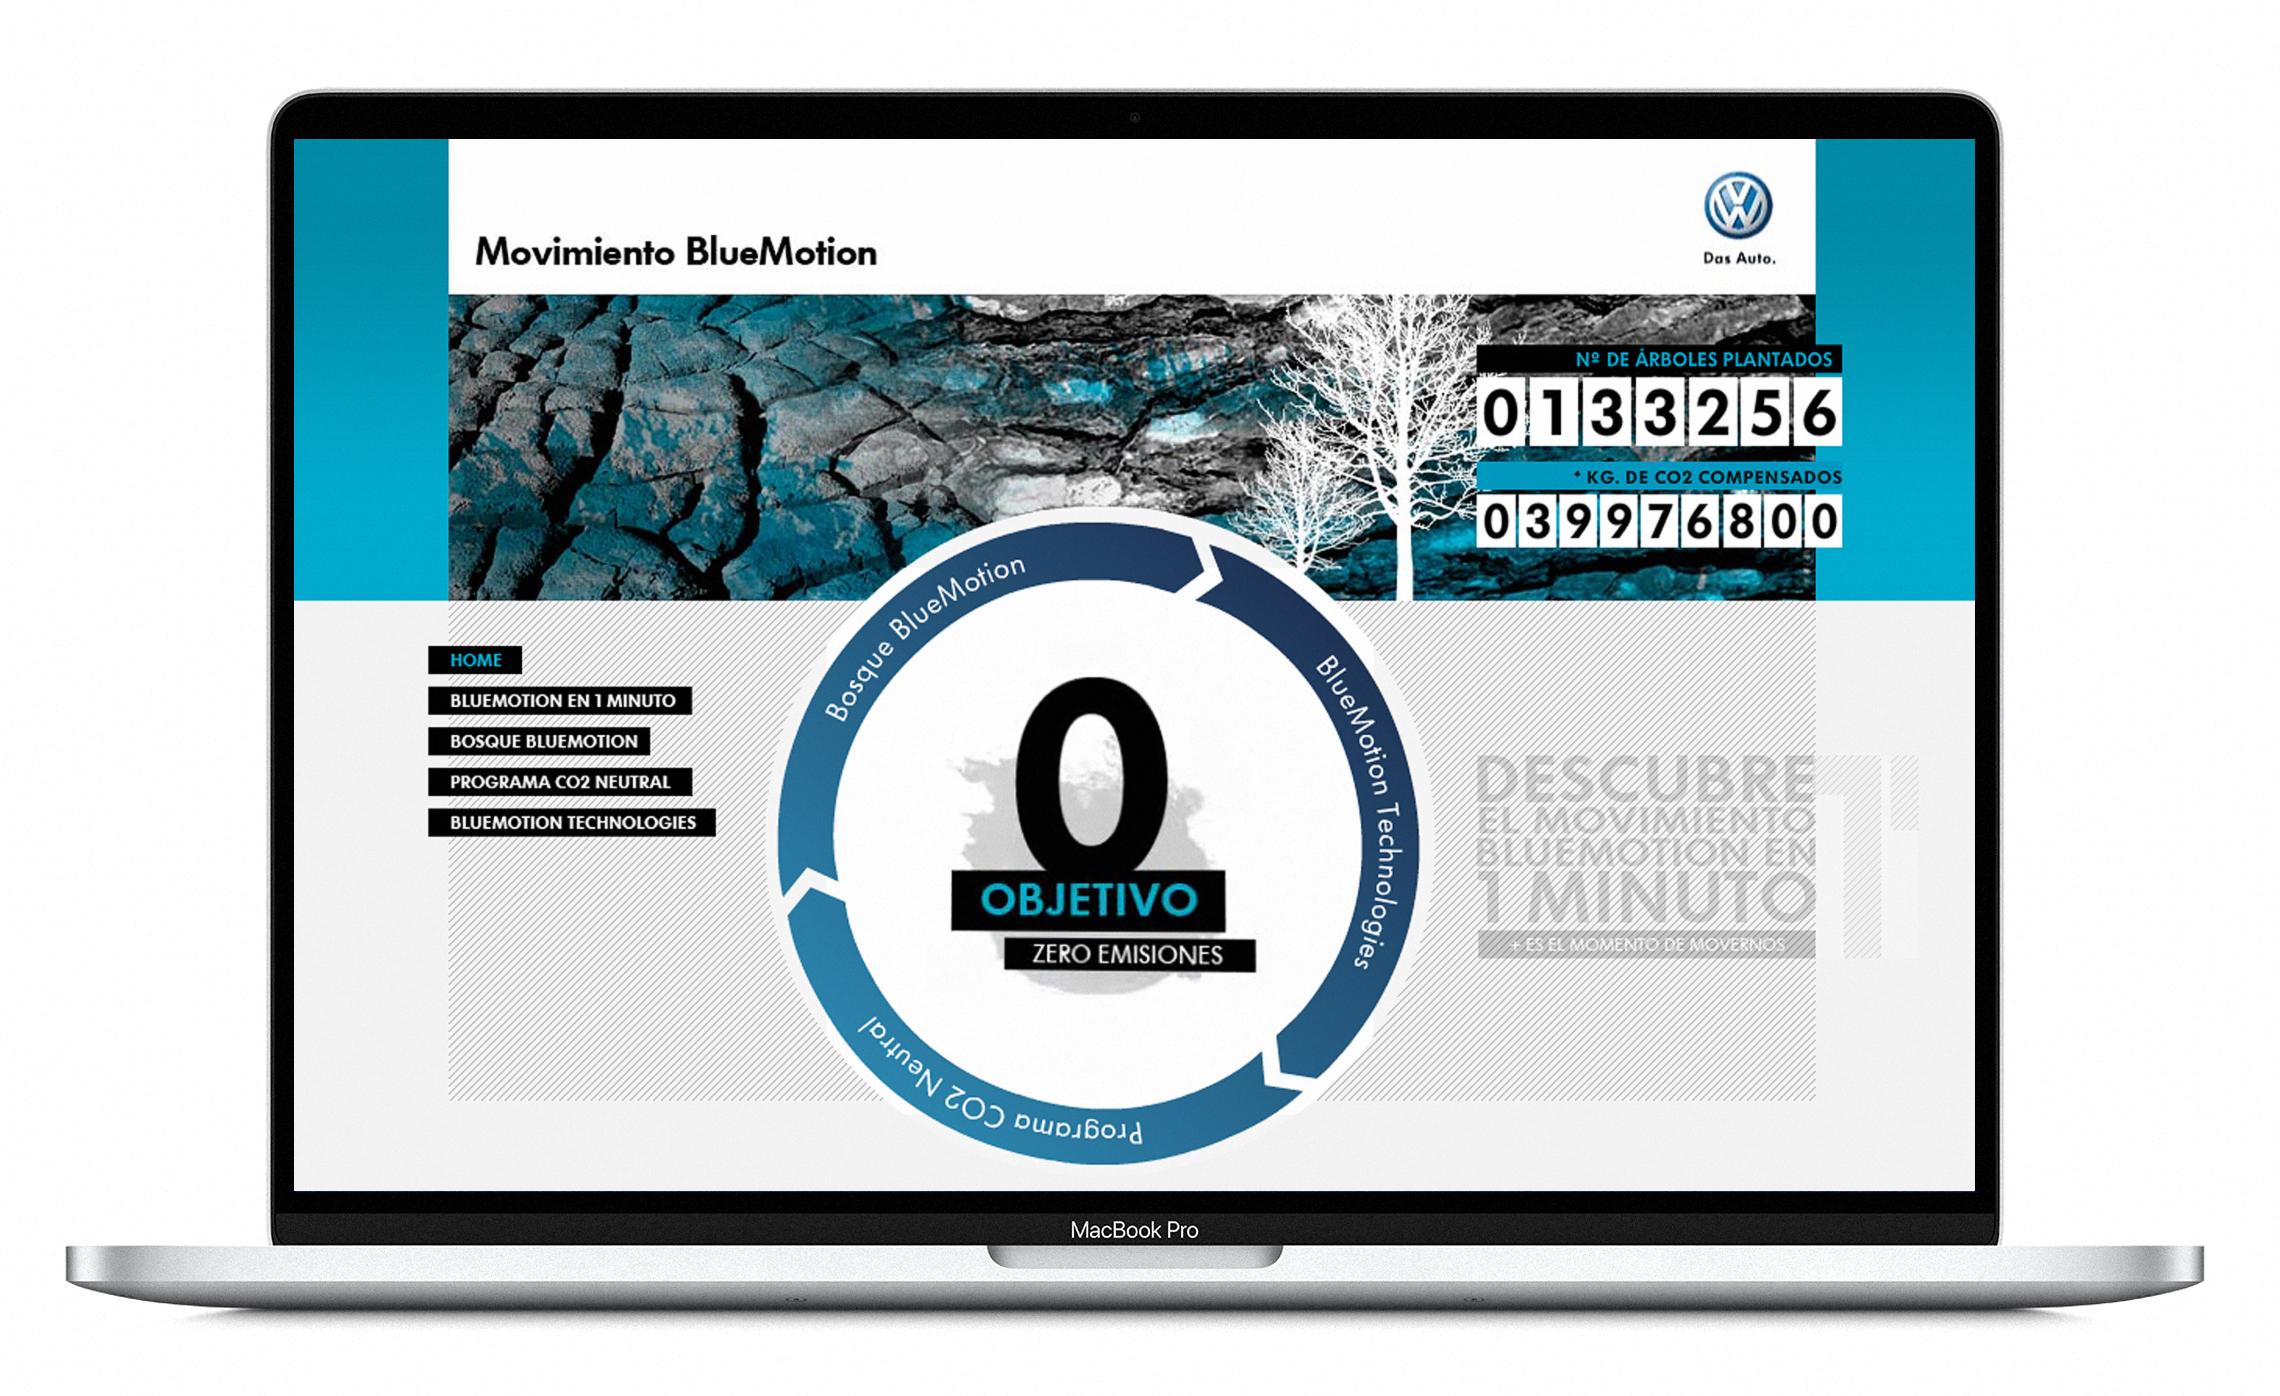 movimiento bluemotion